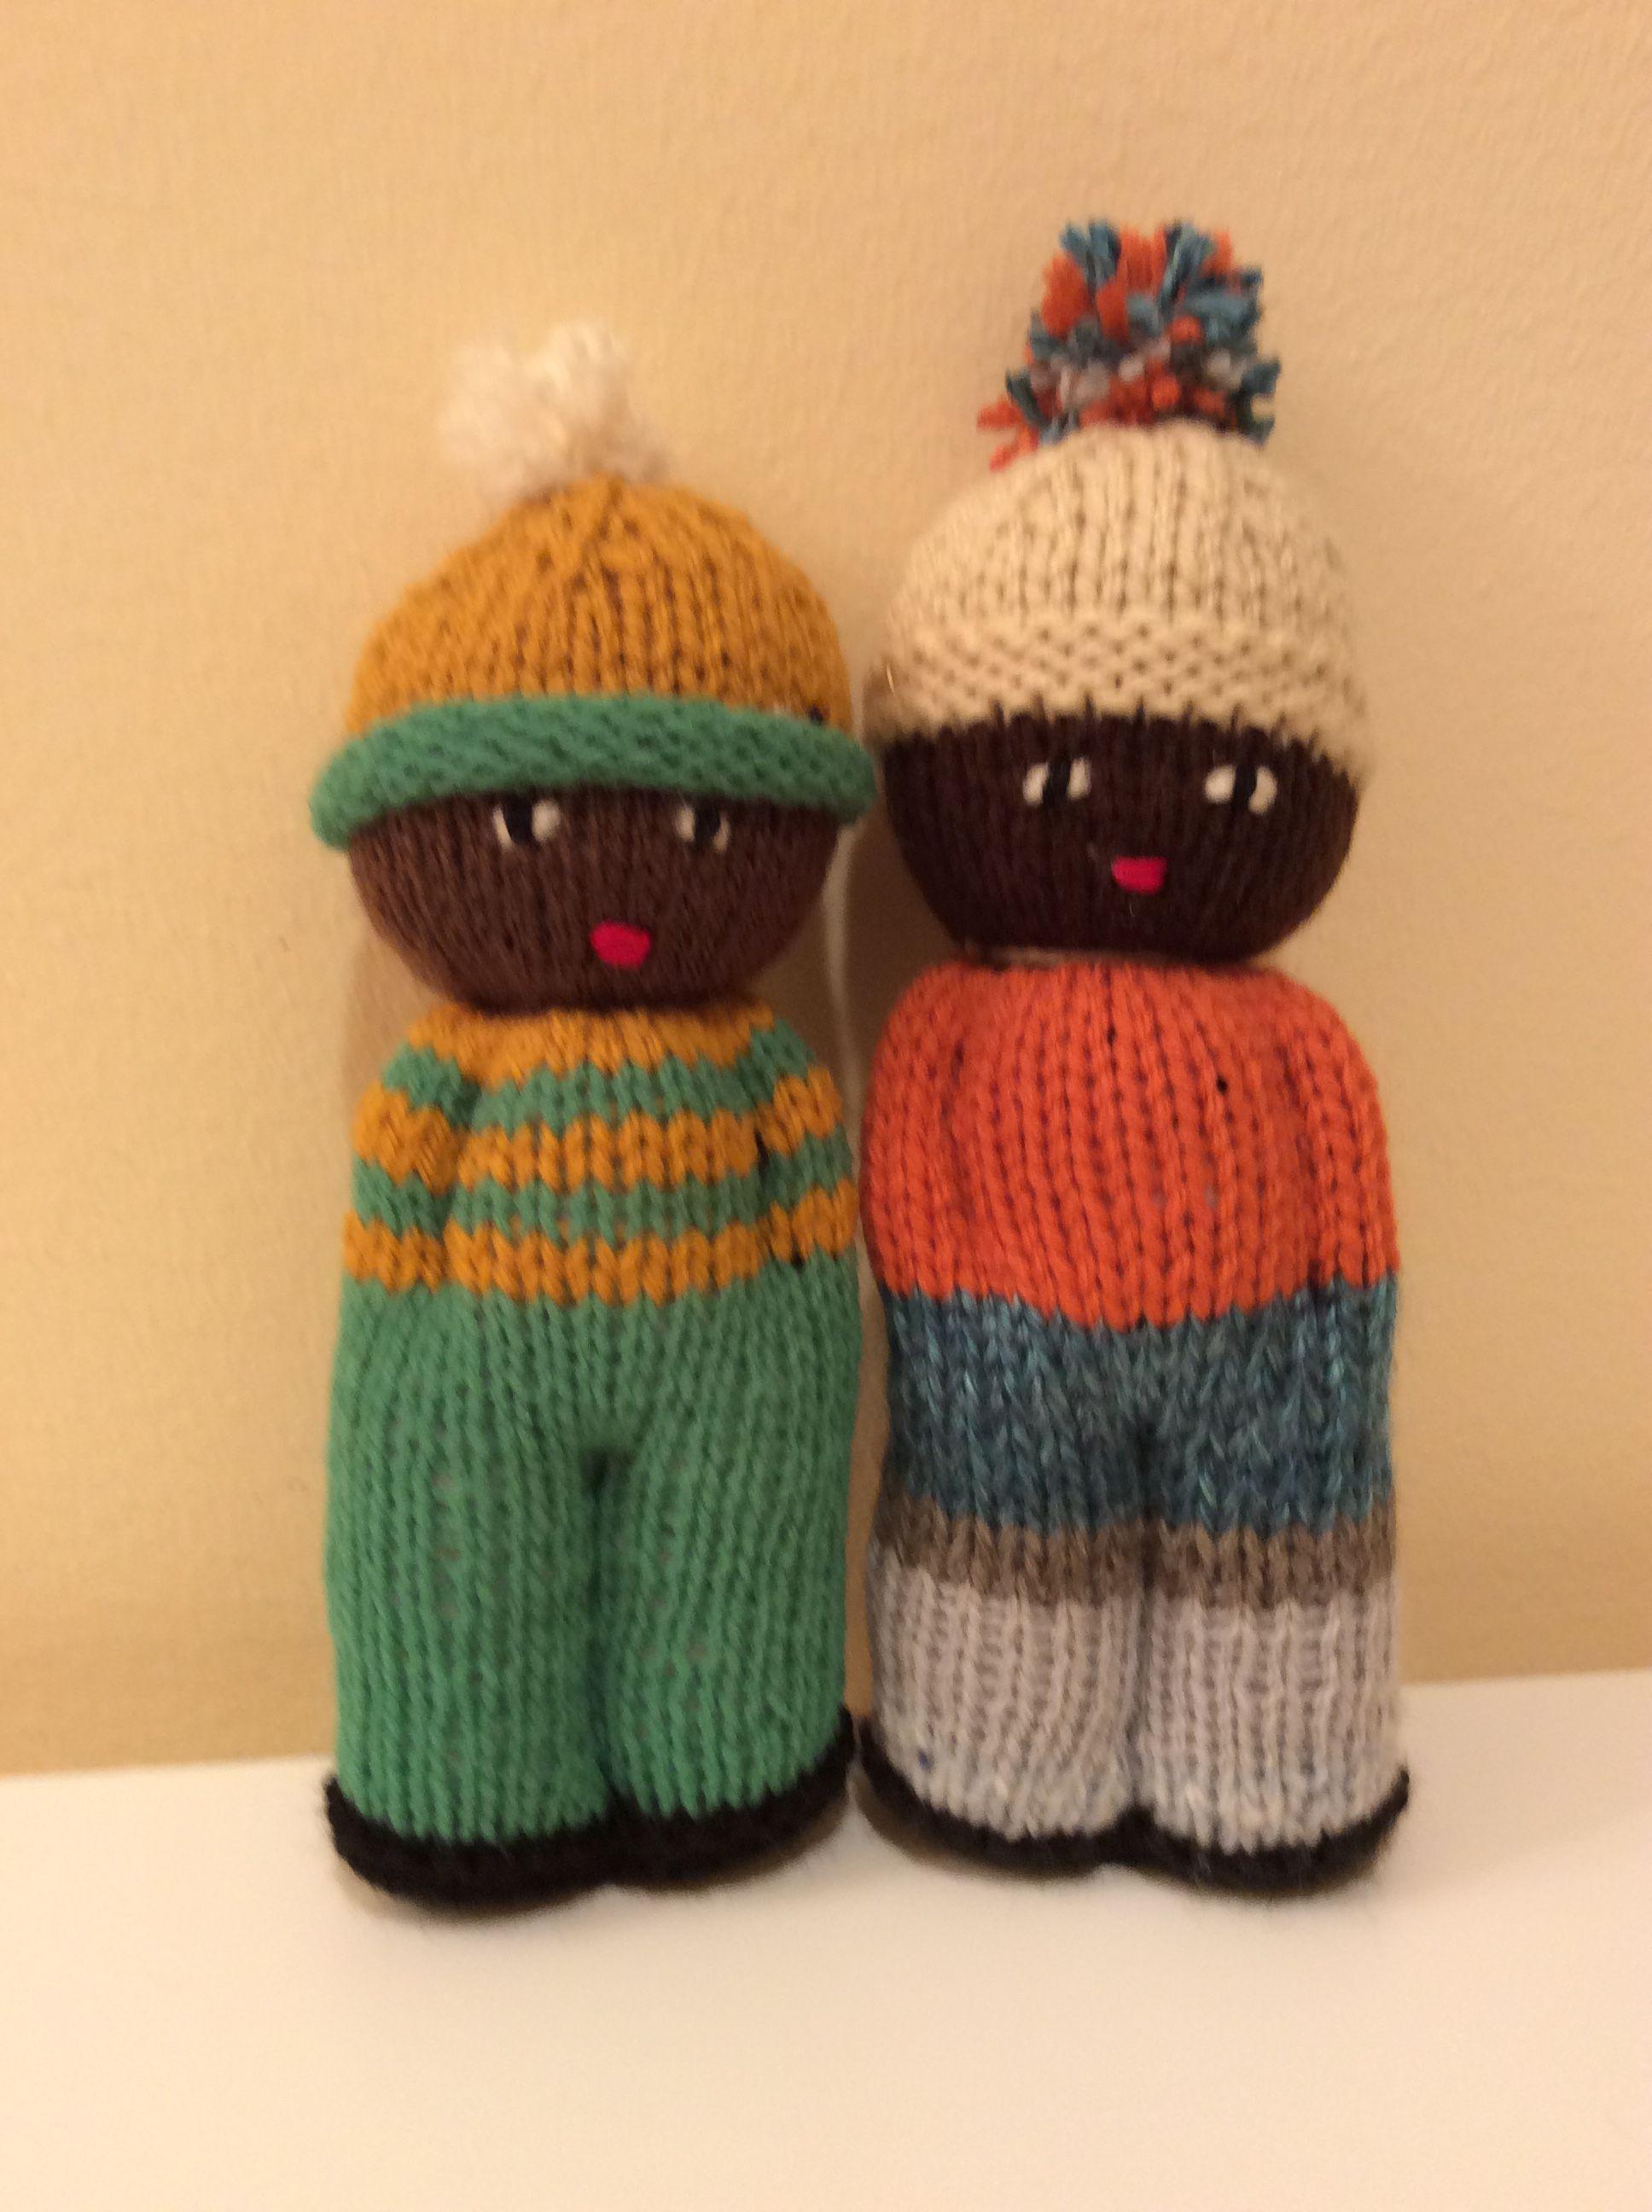 I Love Knitting Comfort Dolls Comfort Dolls Knitting Knitted